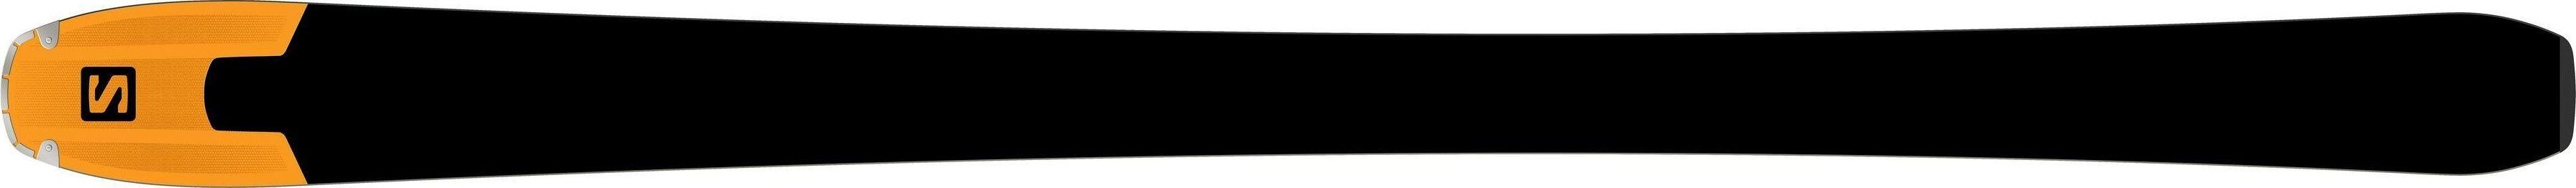 XDR 84 TI